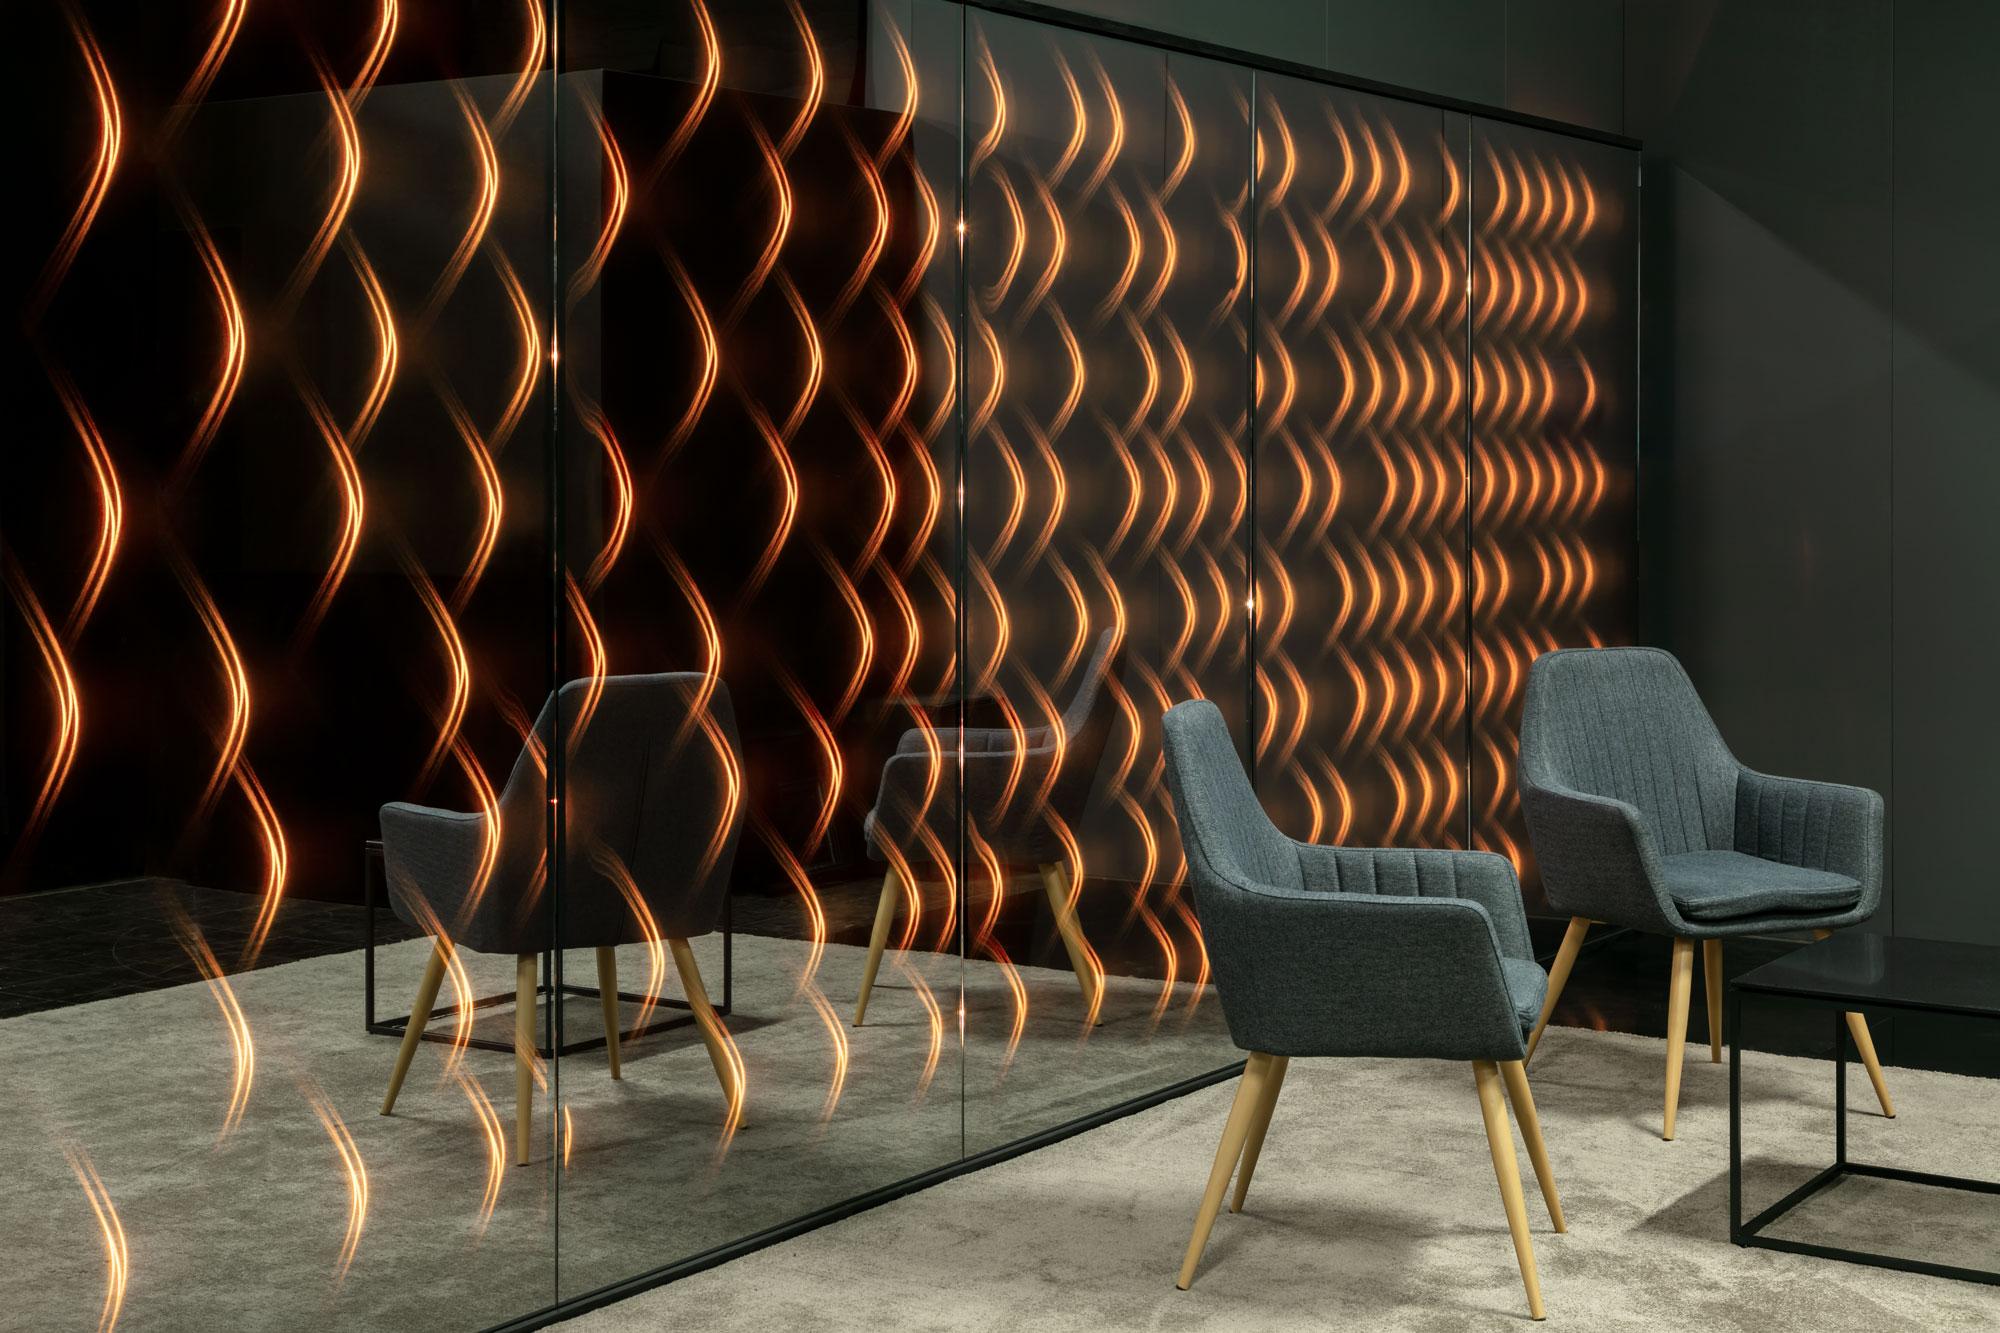 Spiegelwand mit Lichteffekt für individuelle Projekte